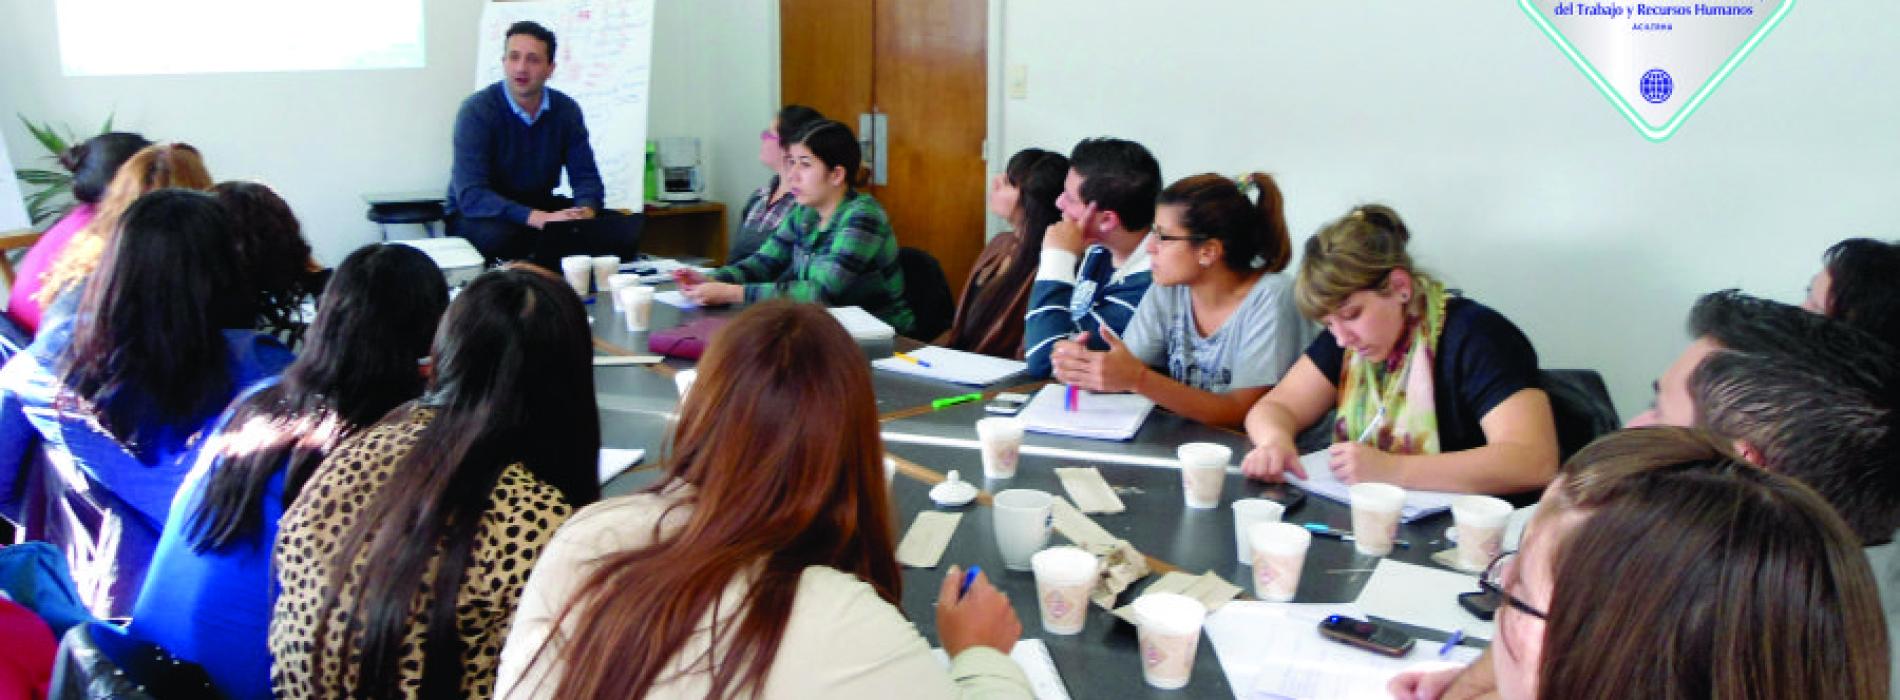 ACILTRHA y el Polo Industrial de Berazategui